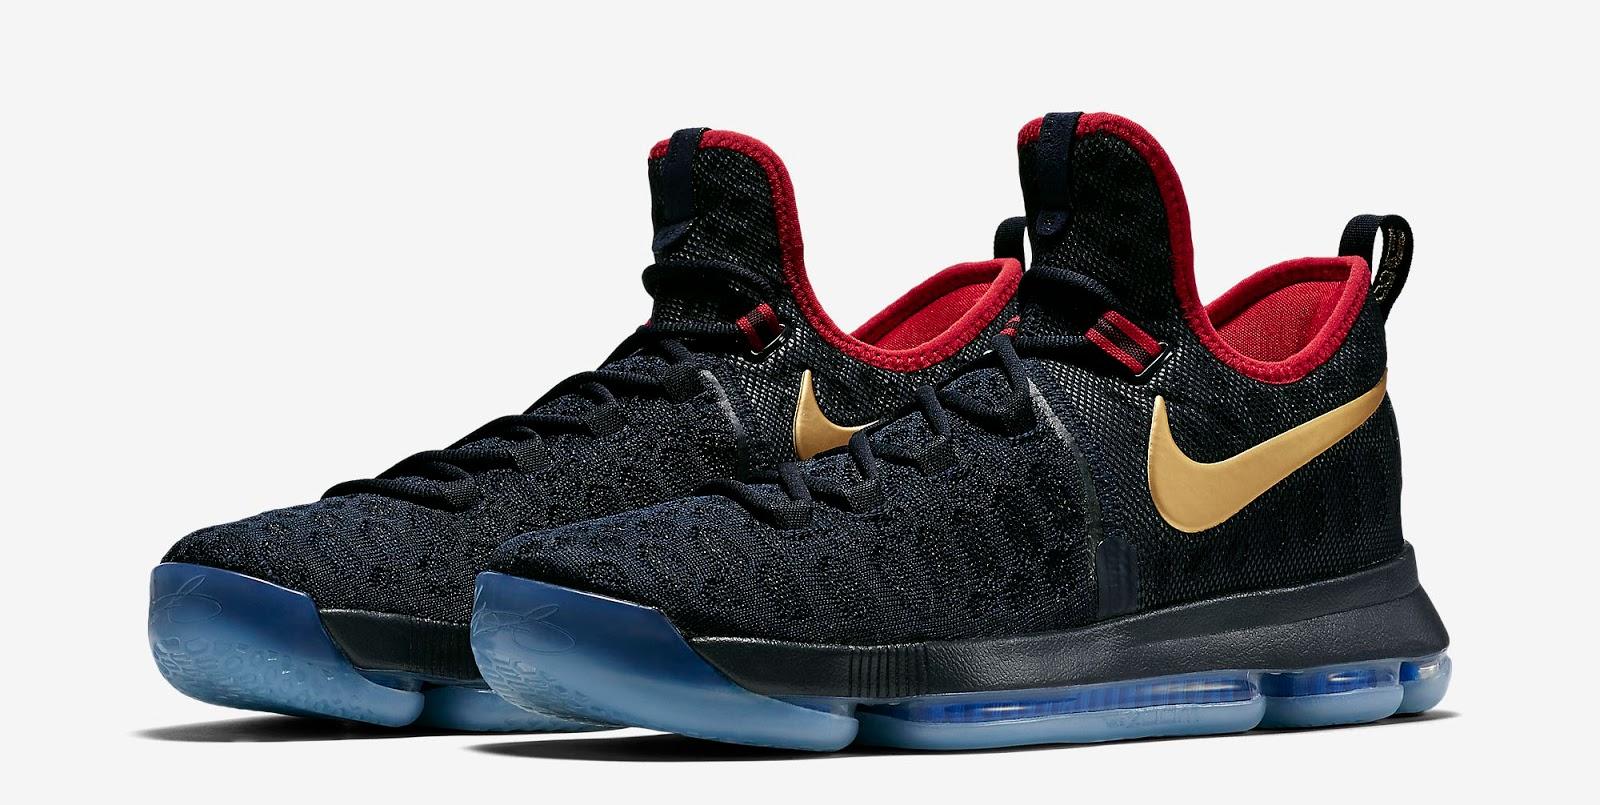 7b49aa29a59a Nike Zoom KD 9 LMTD